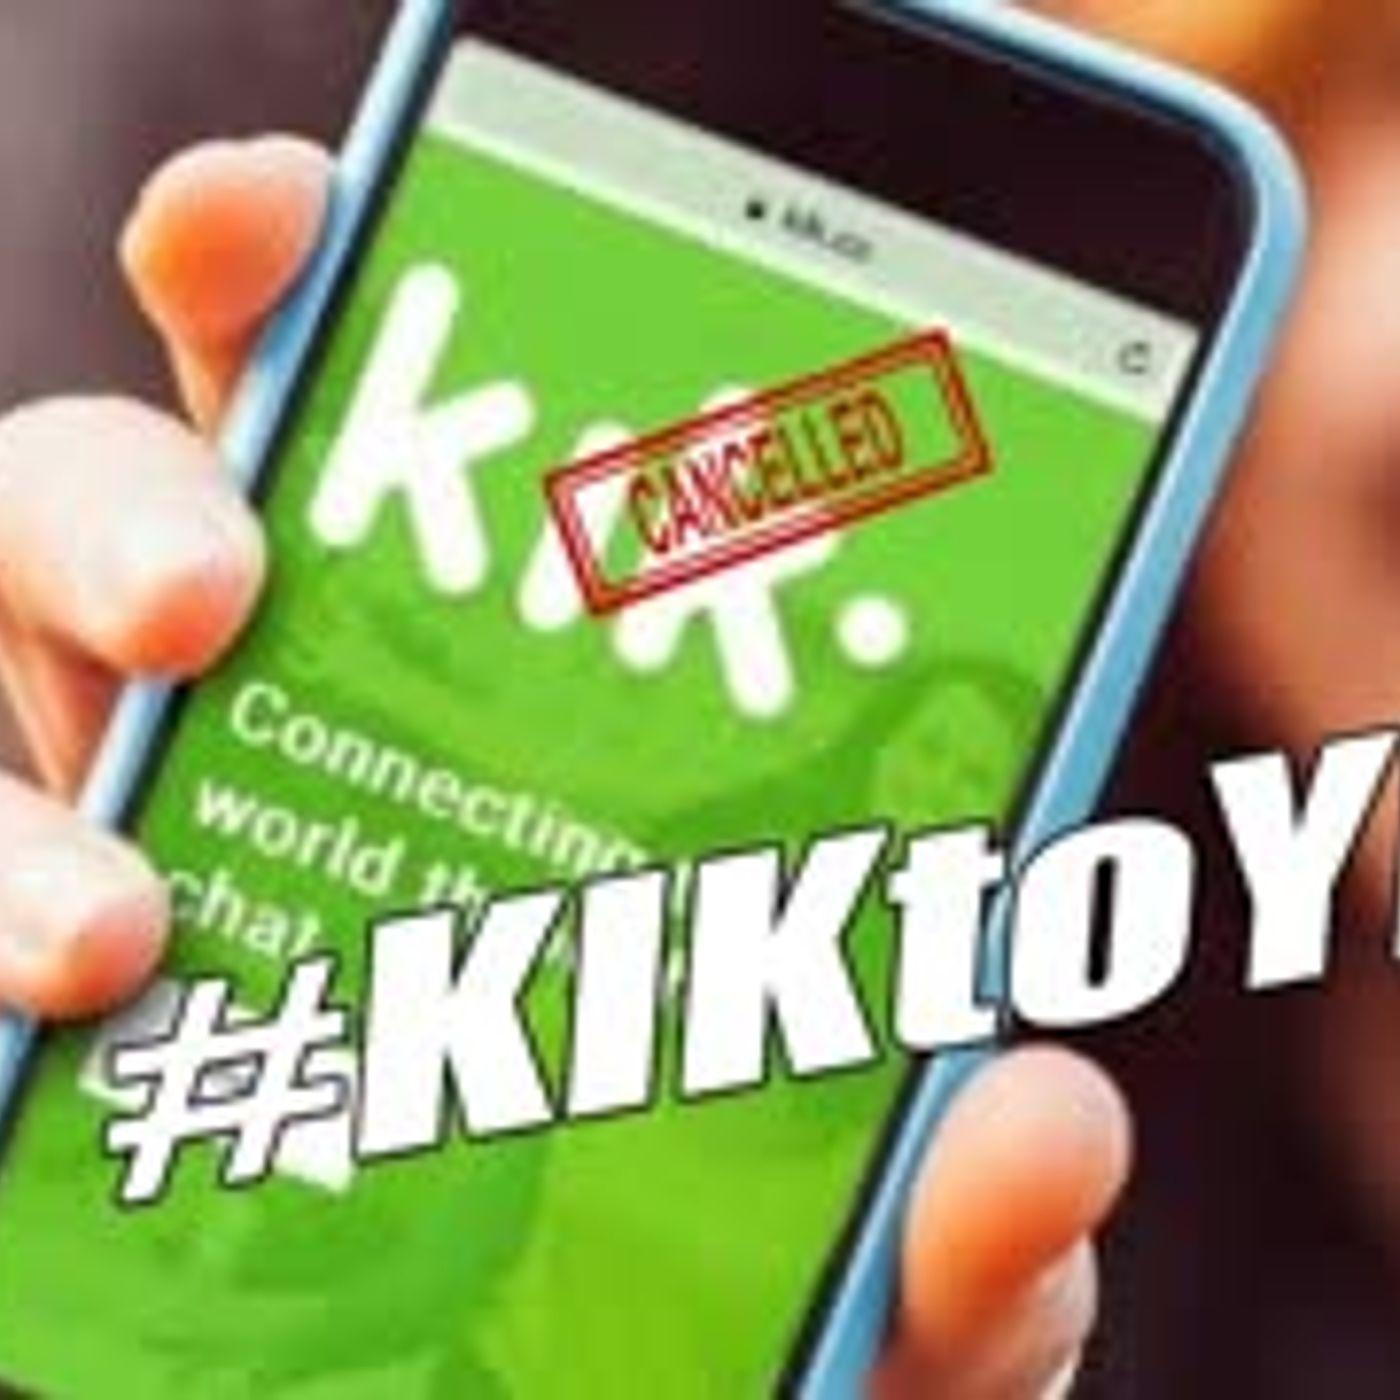 KIN TAKEN OUT BY SEC KIK APP DEAD - We're Here to Help! #KIKtoYEN